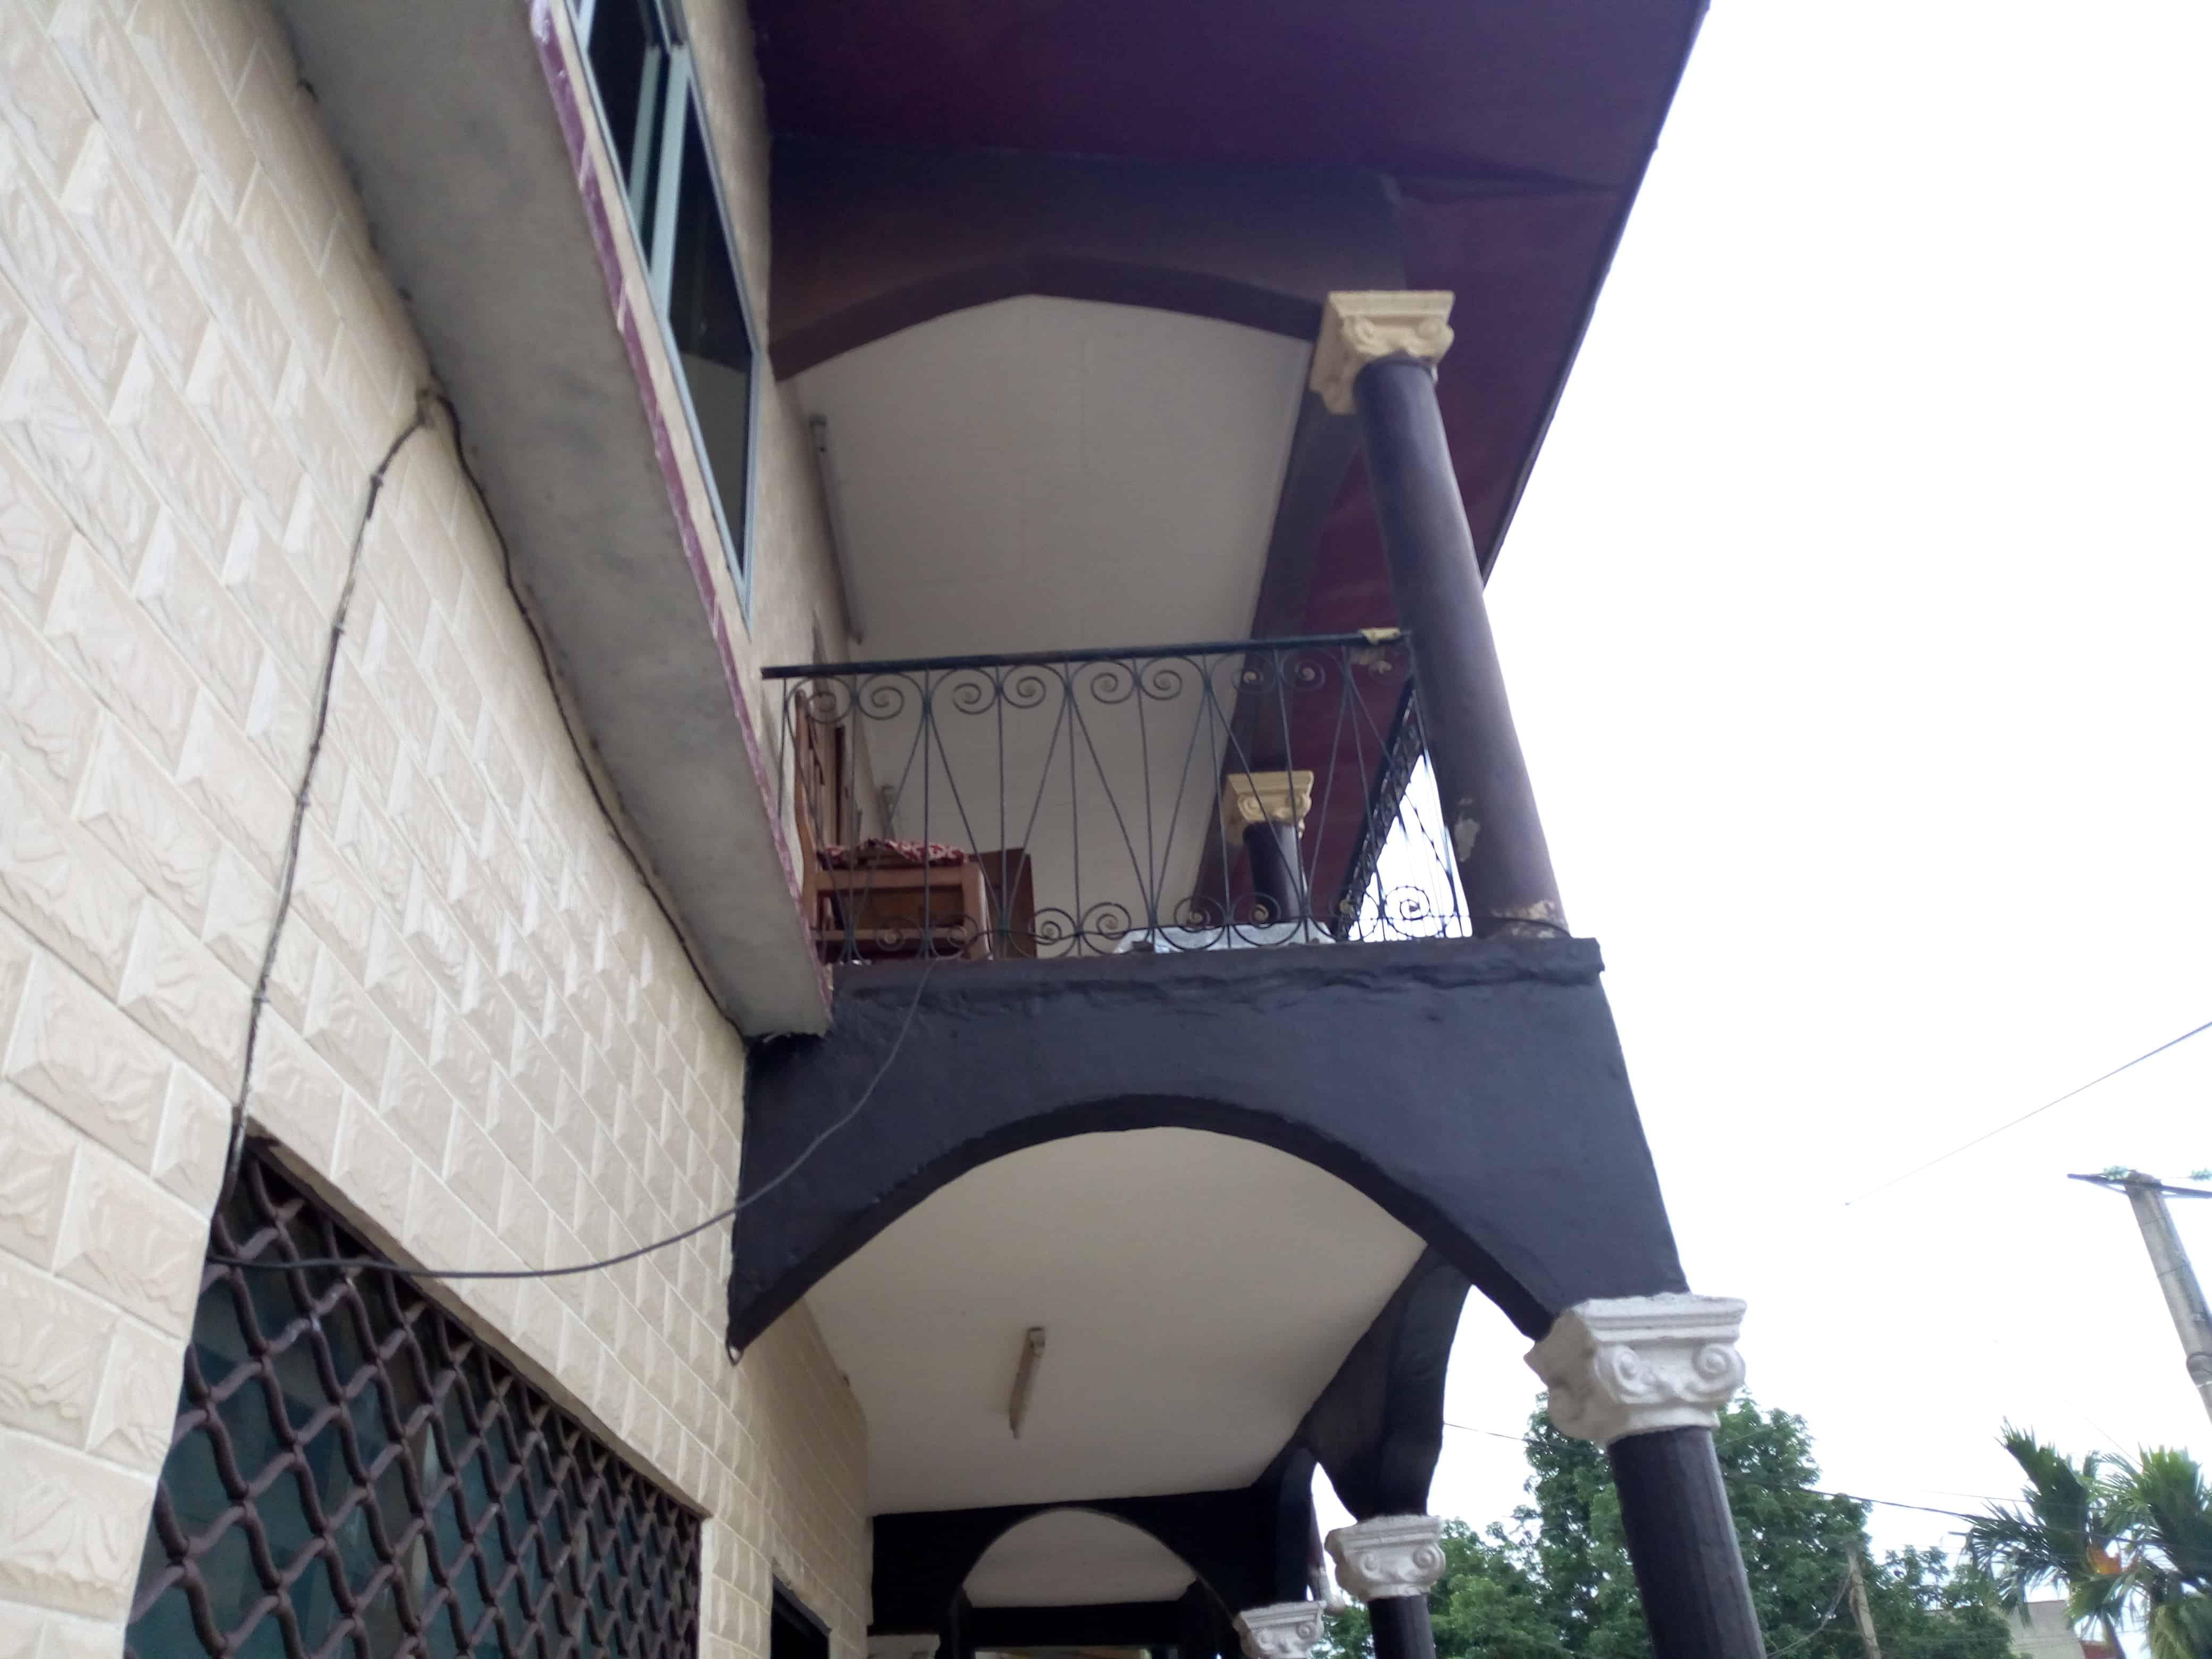 House (Villa) for sale - Yaoundé, Biyem-Assi, immeuble à vendre à Yaoundé biyem assi montée maison blanche - 1 living room(s), 4 bedroom(s), 3 bathroom(s) - 78 000 000 FCFA / month